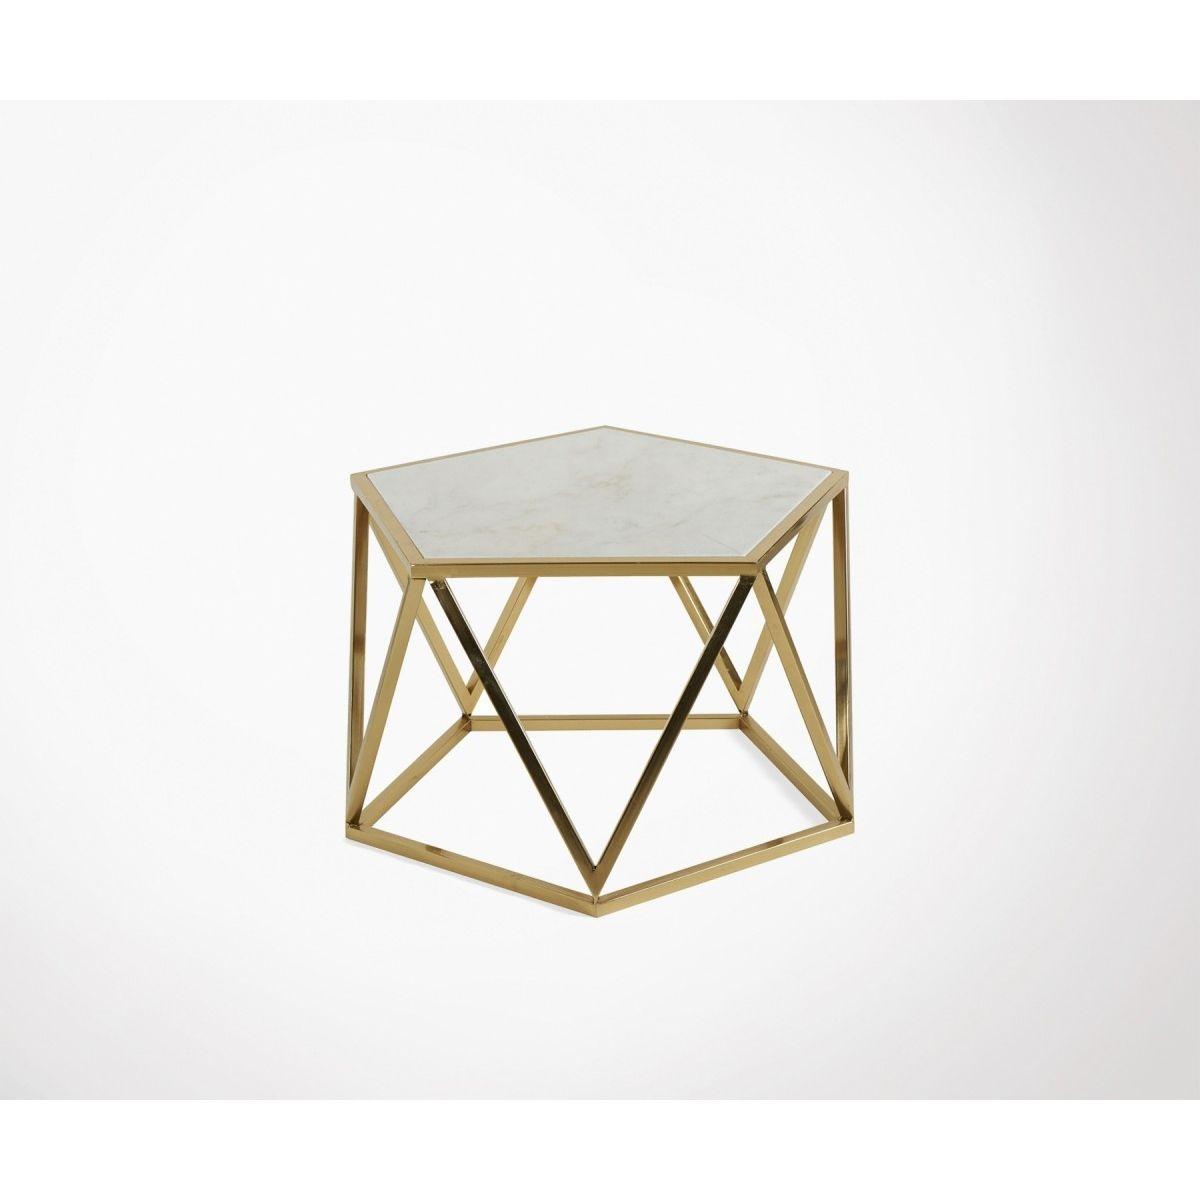 Table basse design art déco marbre métal doré POLLY